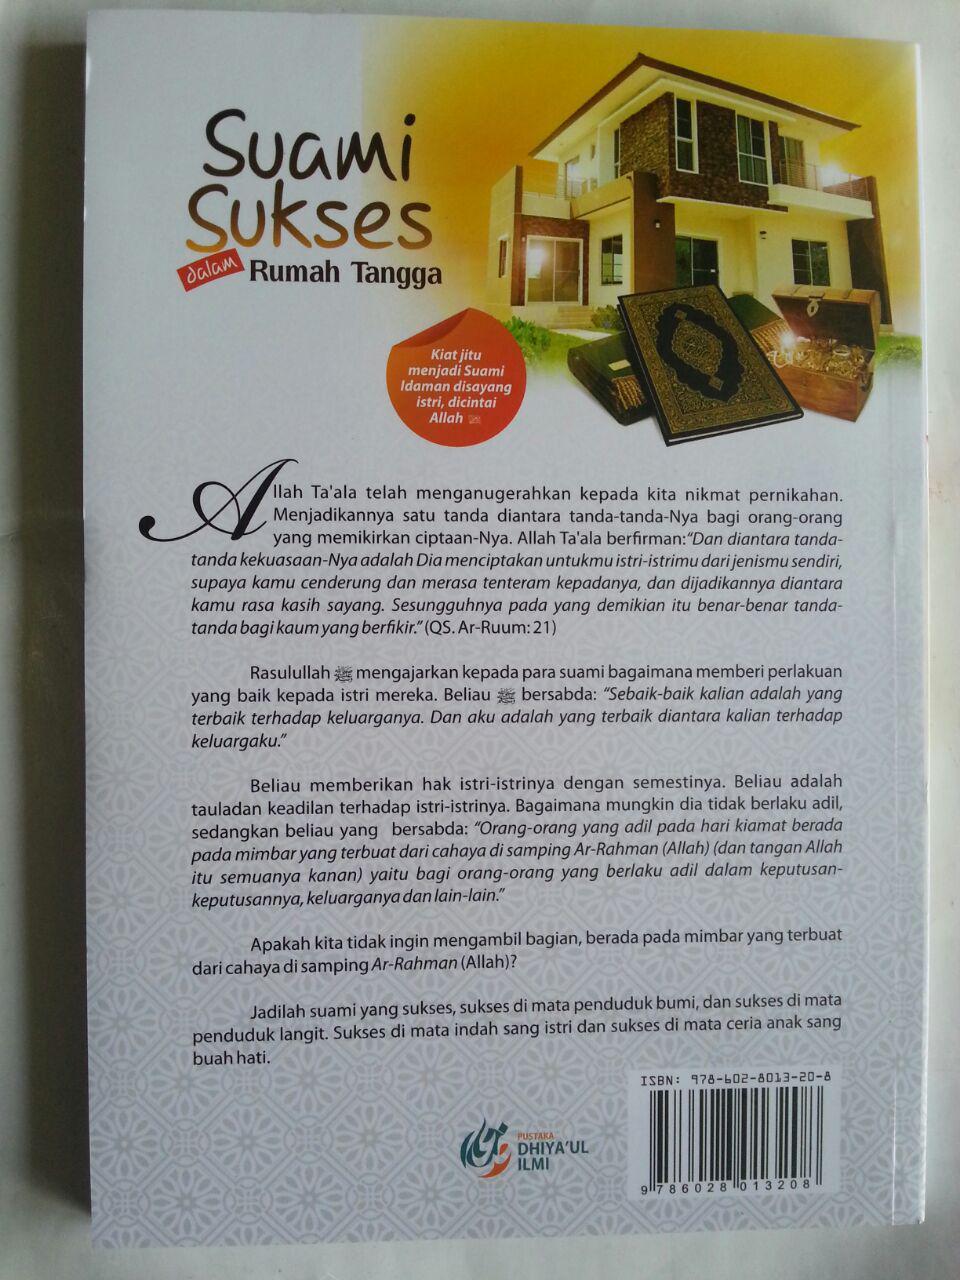 Buku Suami Sukses Dalam Rumah Tangga Kiat Jitu Menjadi Suami Idaman cover